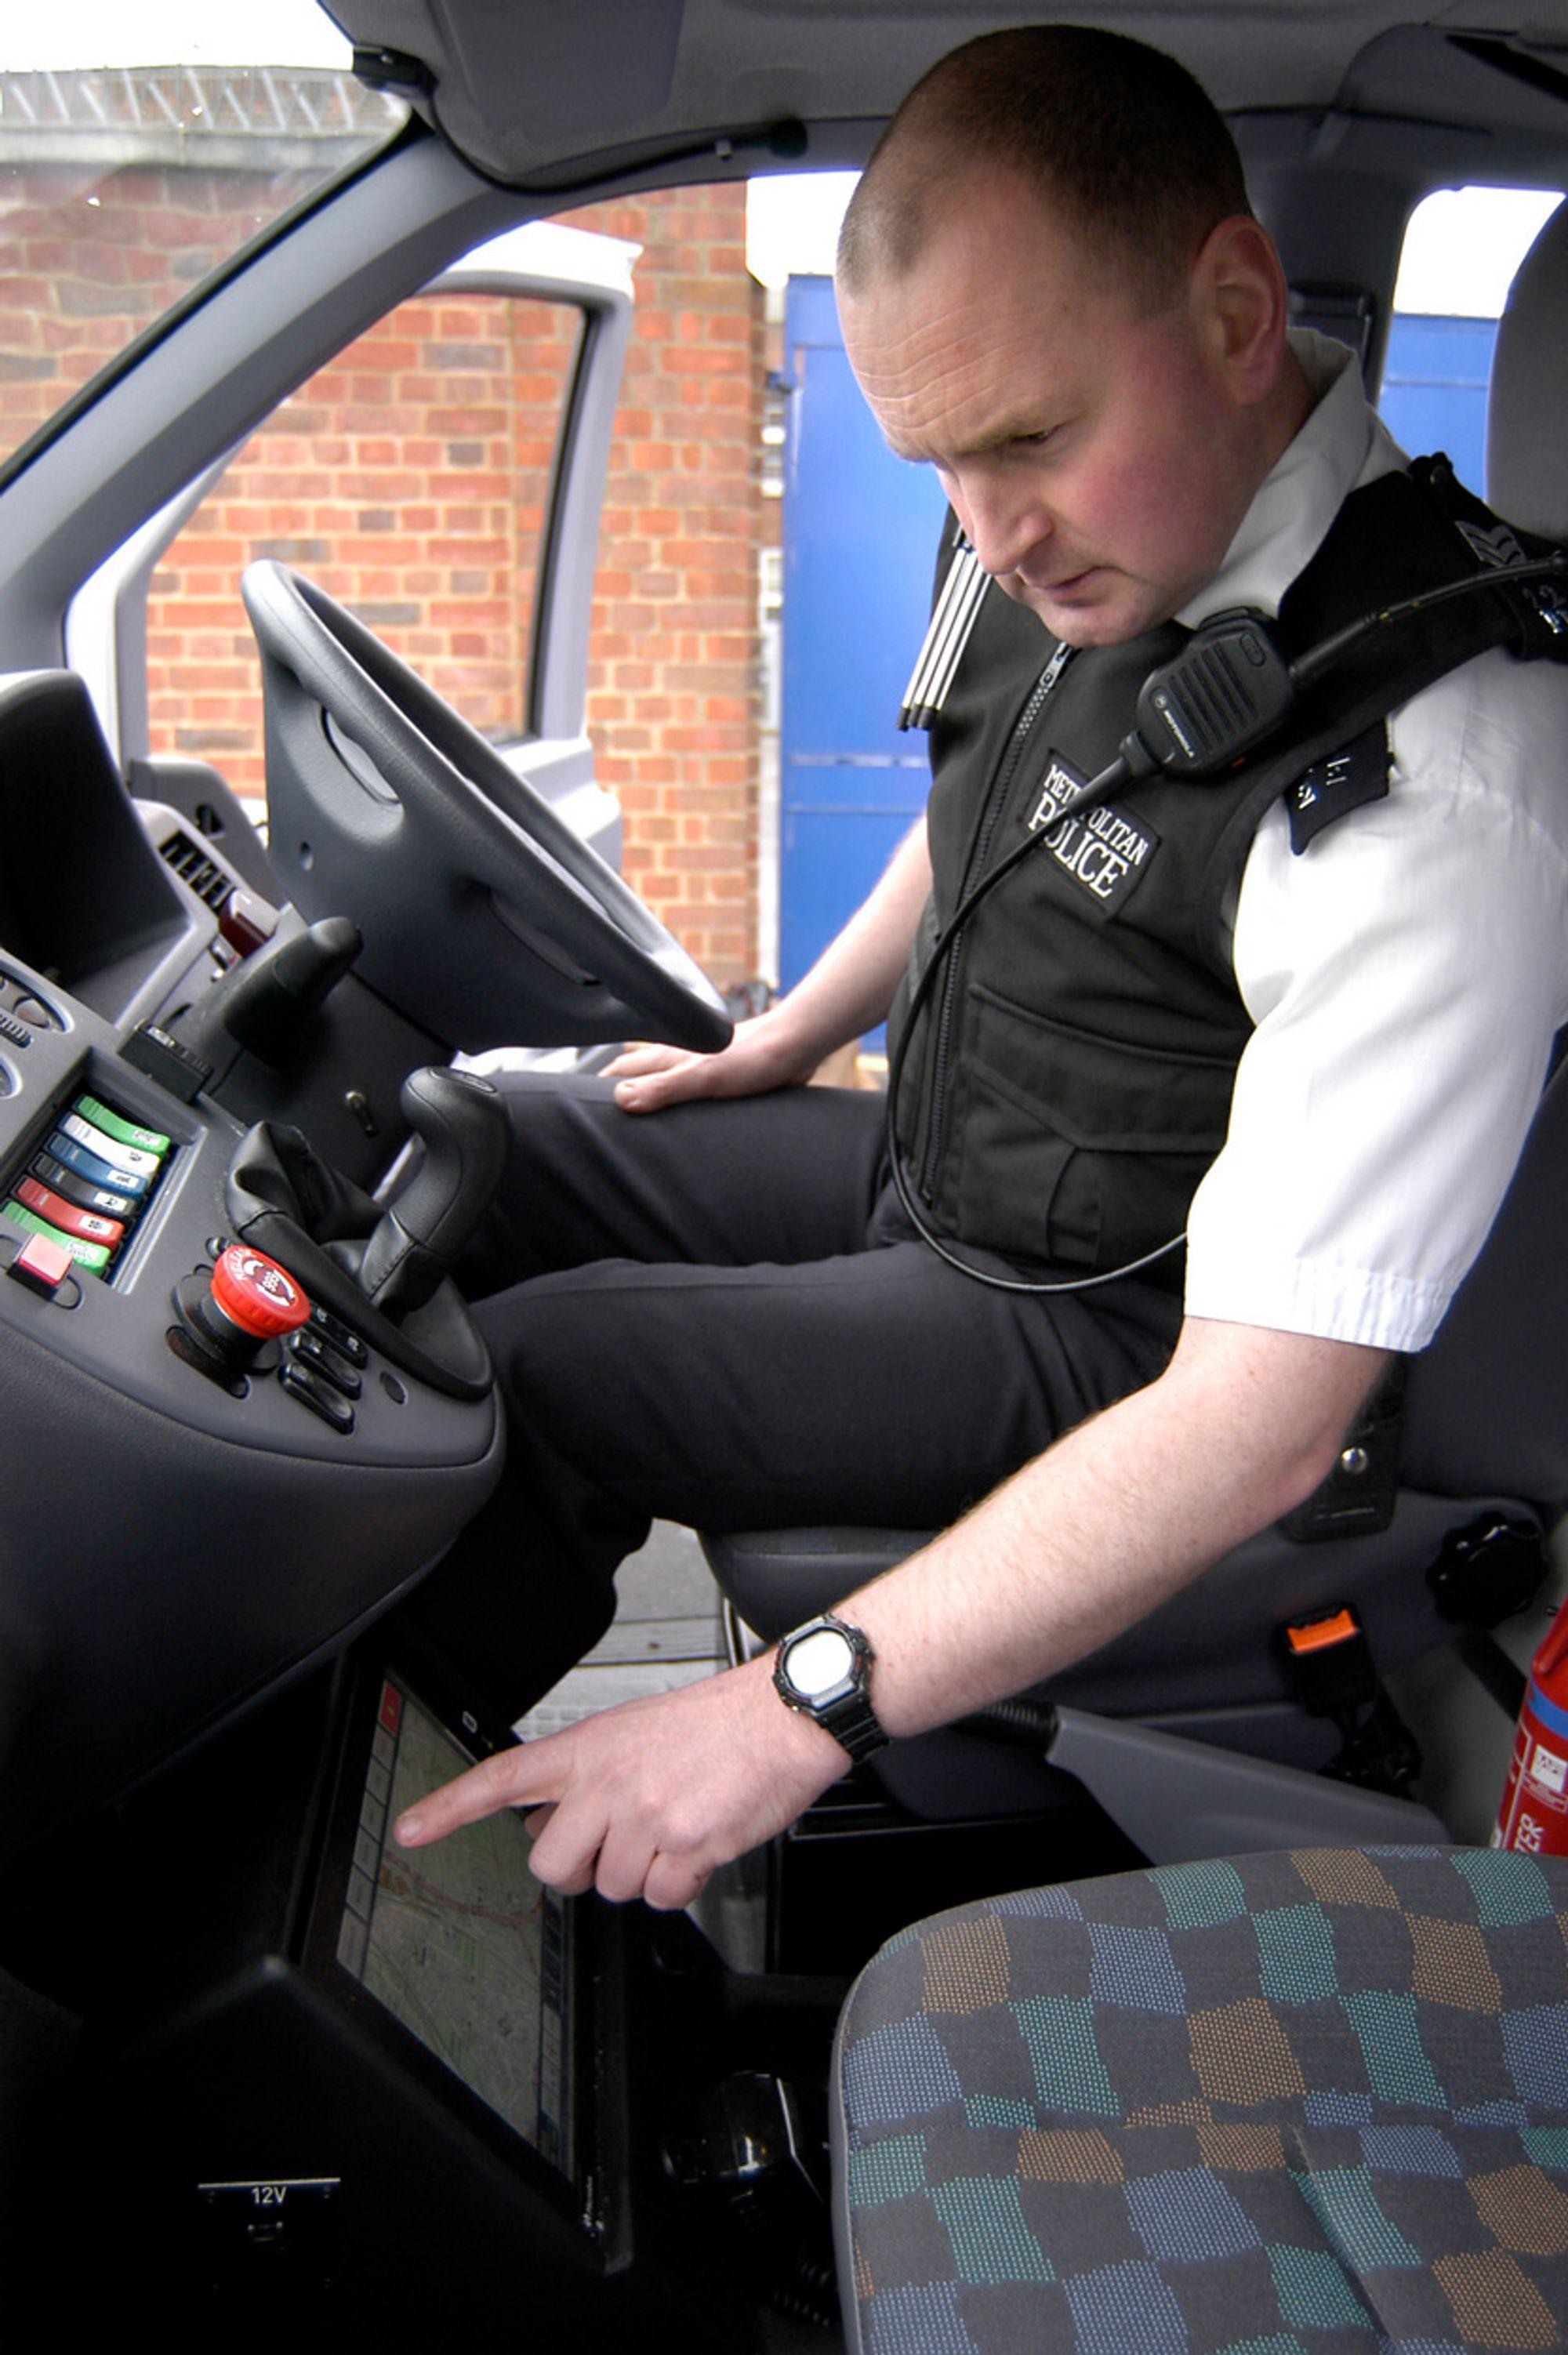 """KJAPT: Nå tar det bare millisekunder for en bilbasert Scotland Yard """"responsenhet"""" å koble seg opp på politiets sentrale datamaskin. Flere land har allerede kjøpt det engelske utstyret. Sverige har det, men Norge er foreløpig ikke i bildet."""